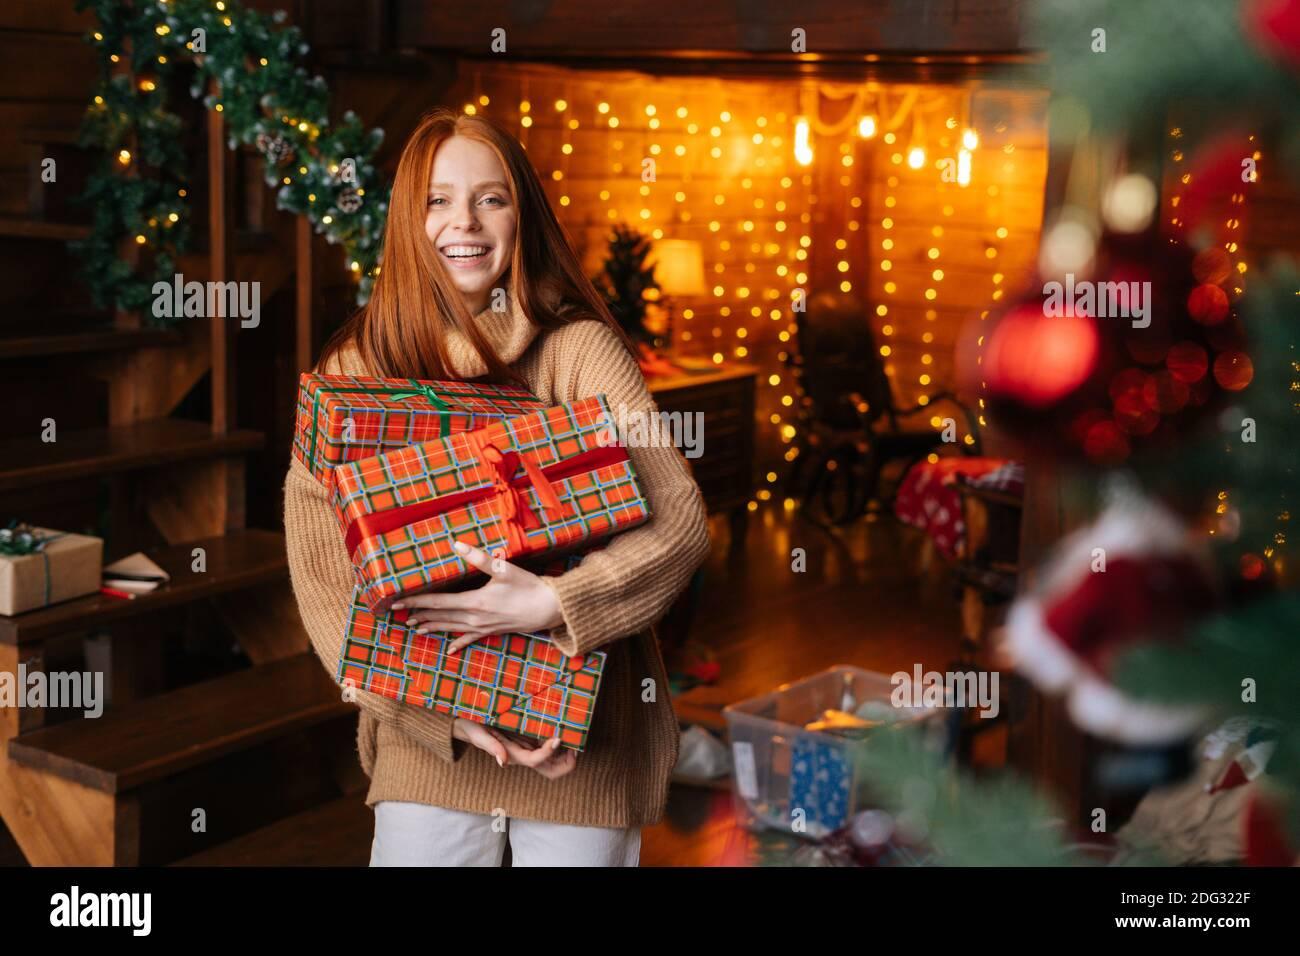 Portrait de jeune belle femme tenant une boîte avec des cadeaux de Noël enveloppés dans du papier artisanal. Banque D'Images